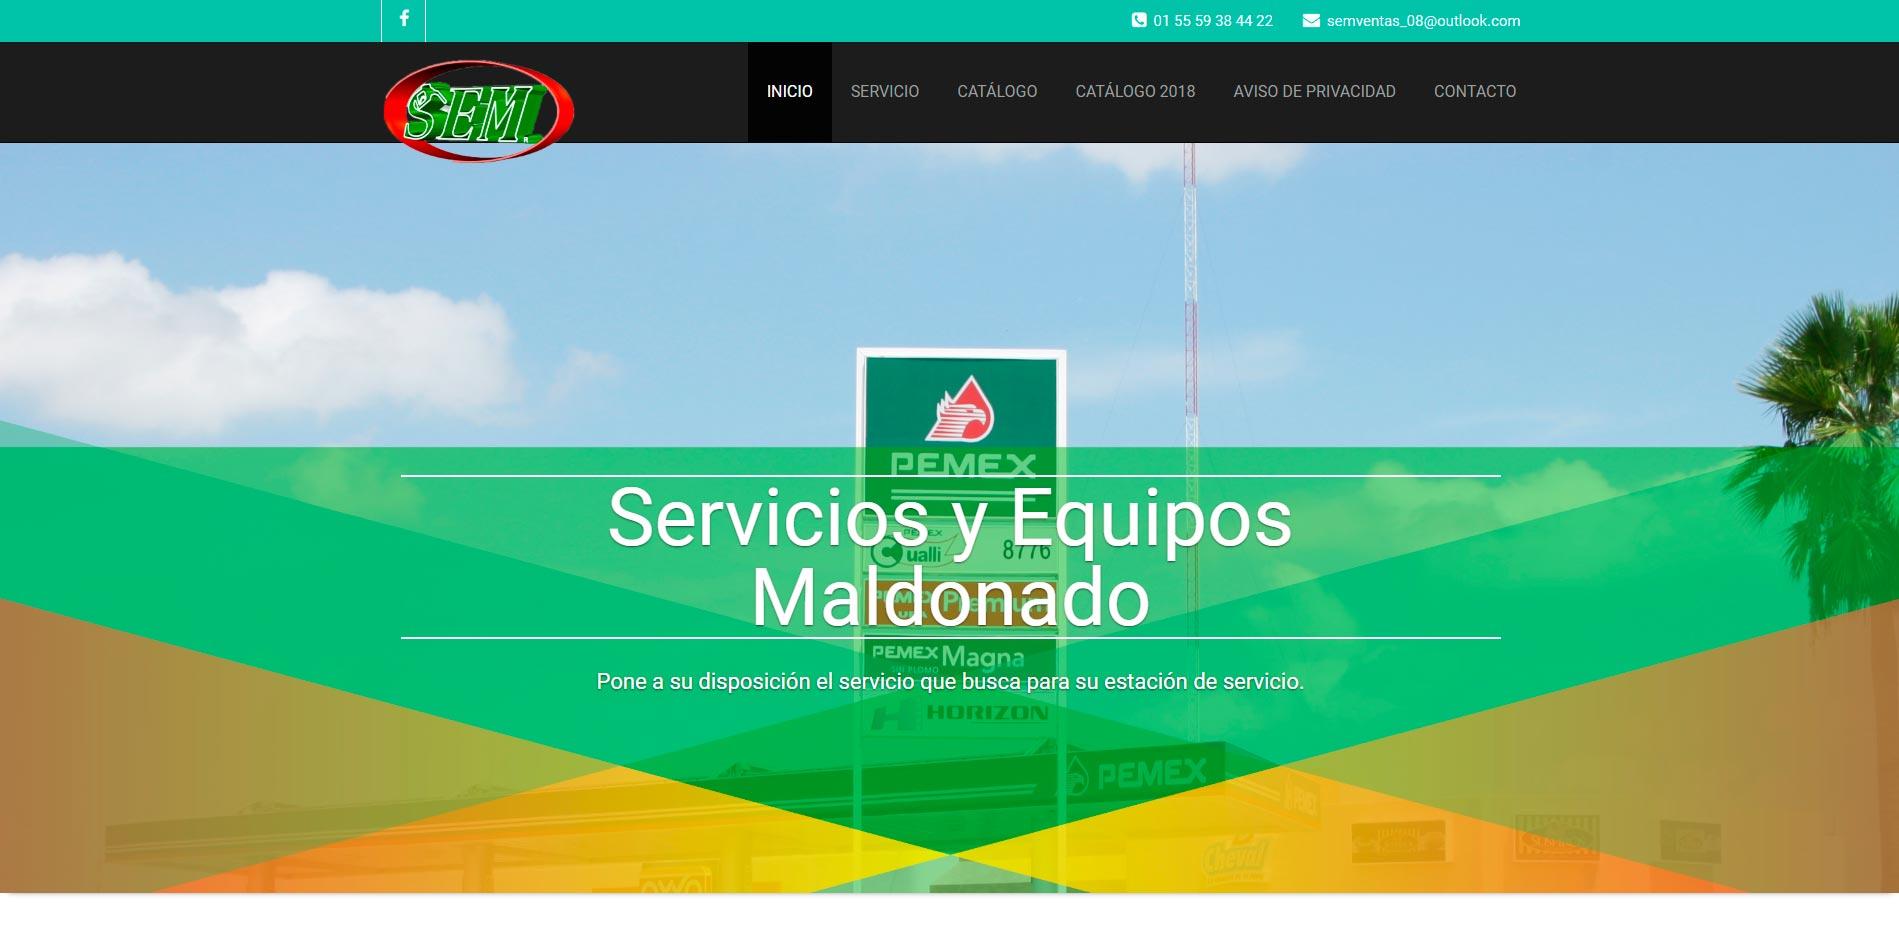 Páginas web en Estado de México | 2017